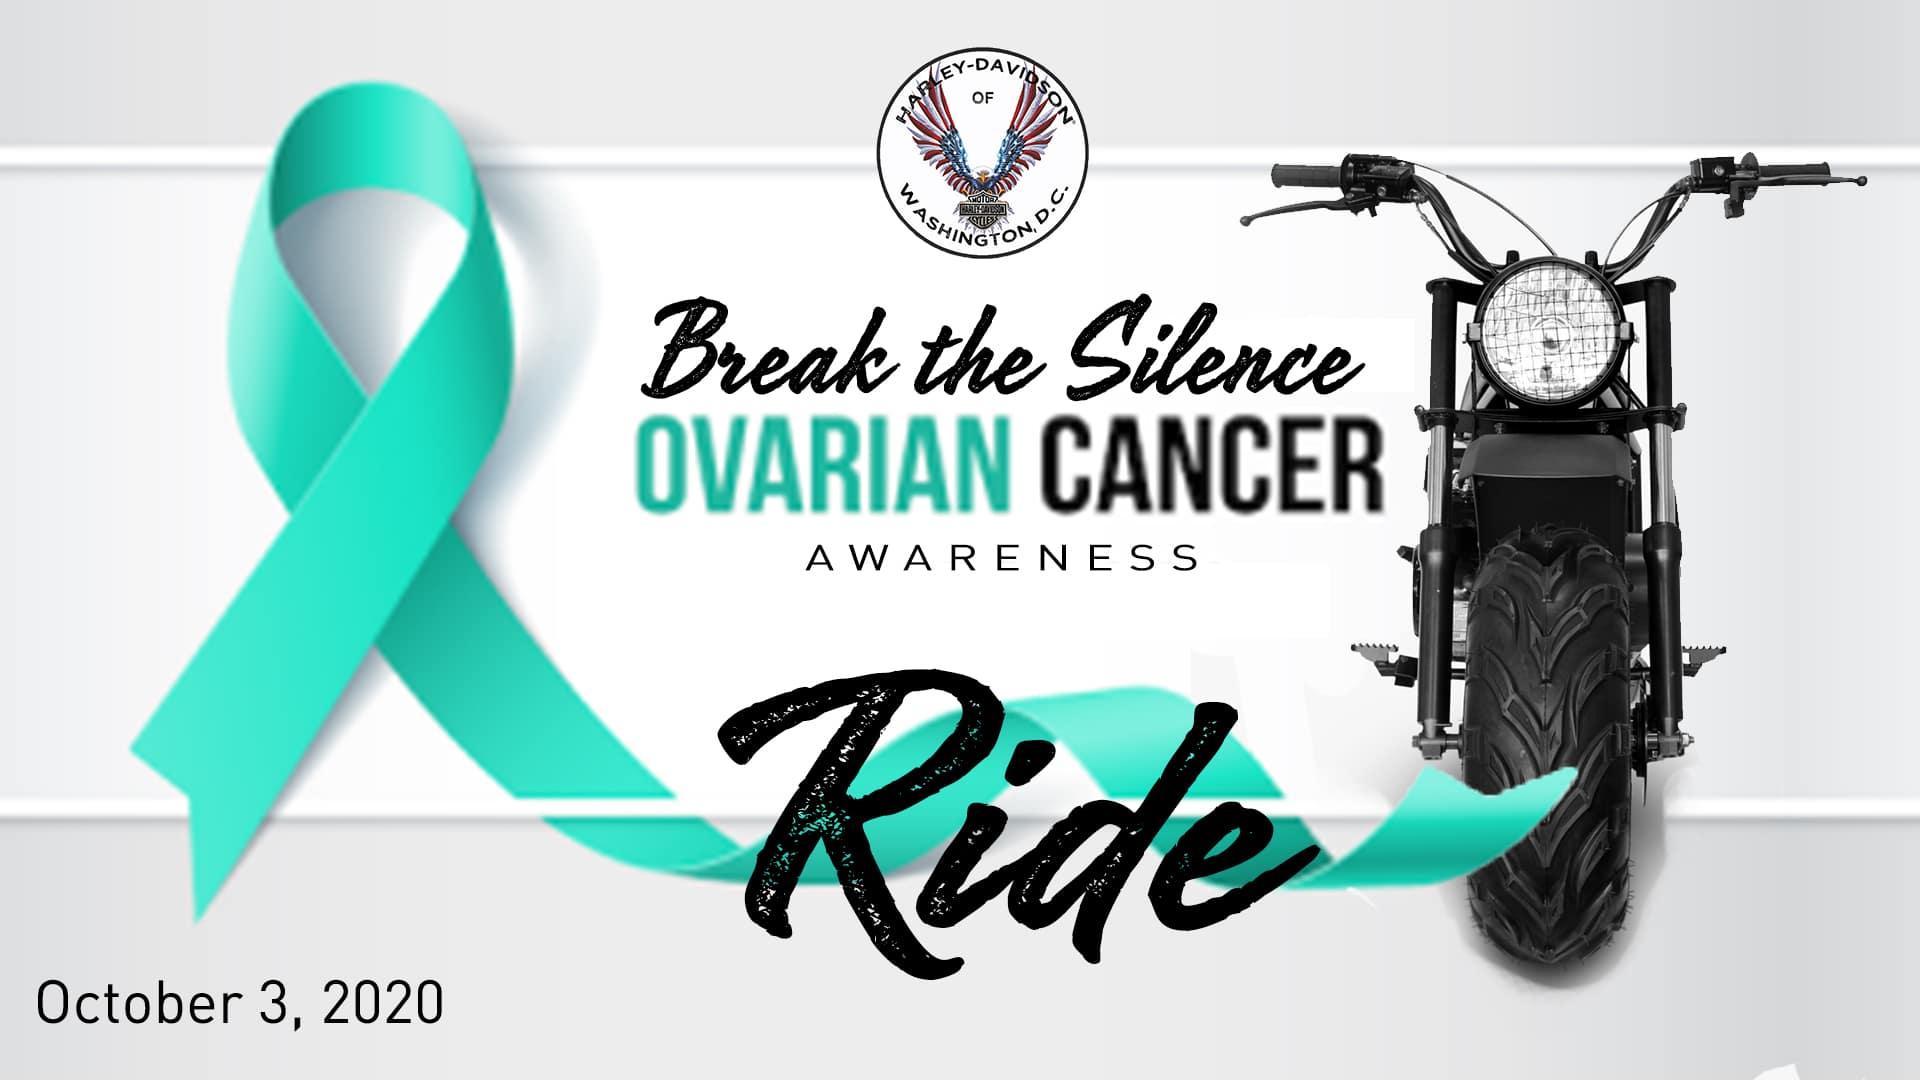 harley, washington dc, ovarian, cancer, motorcyle, ride, october, september, teal